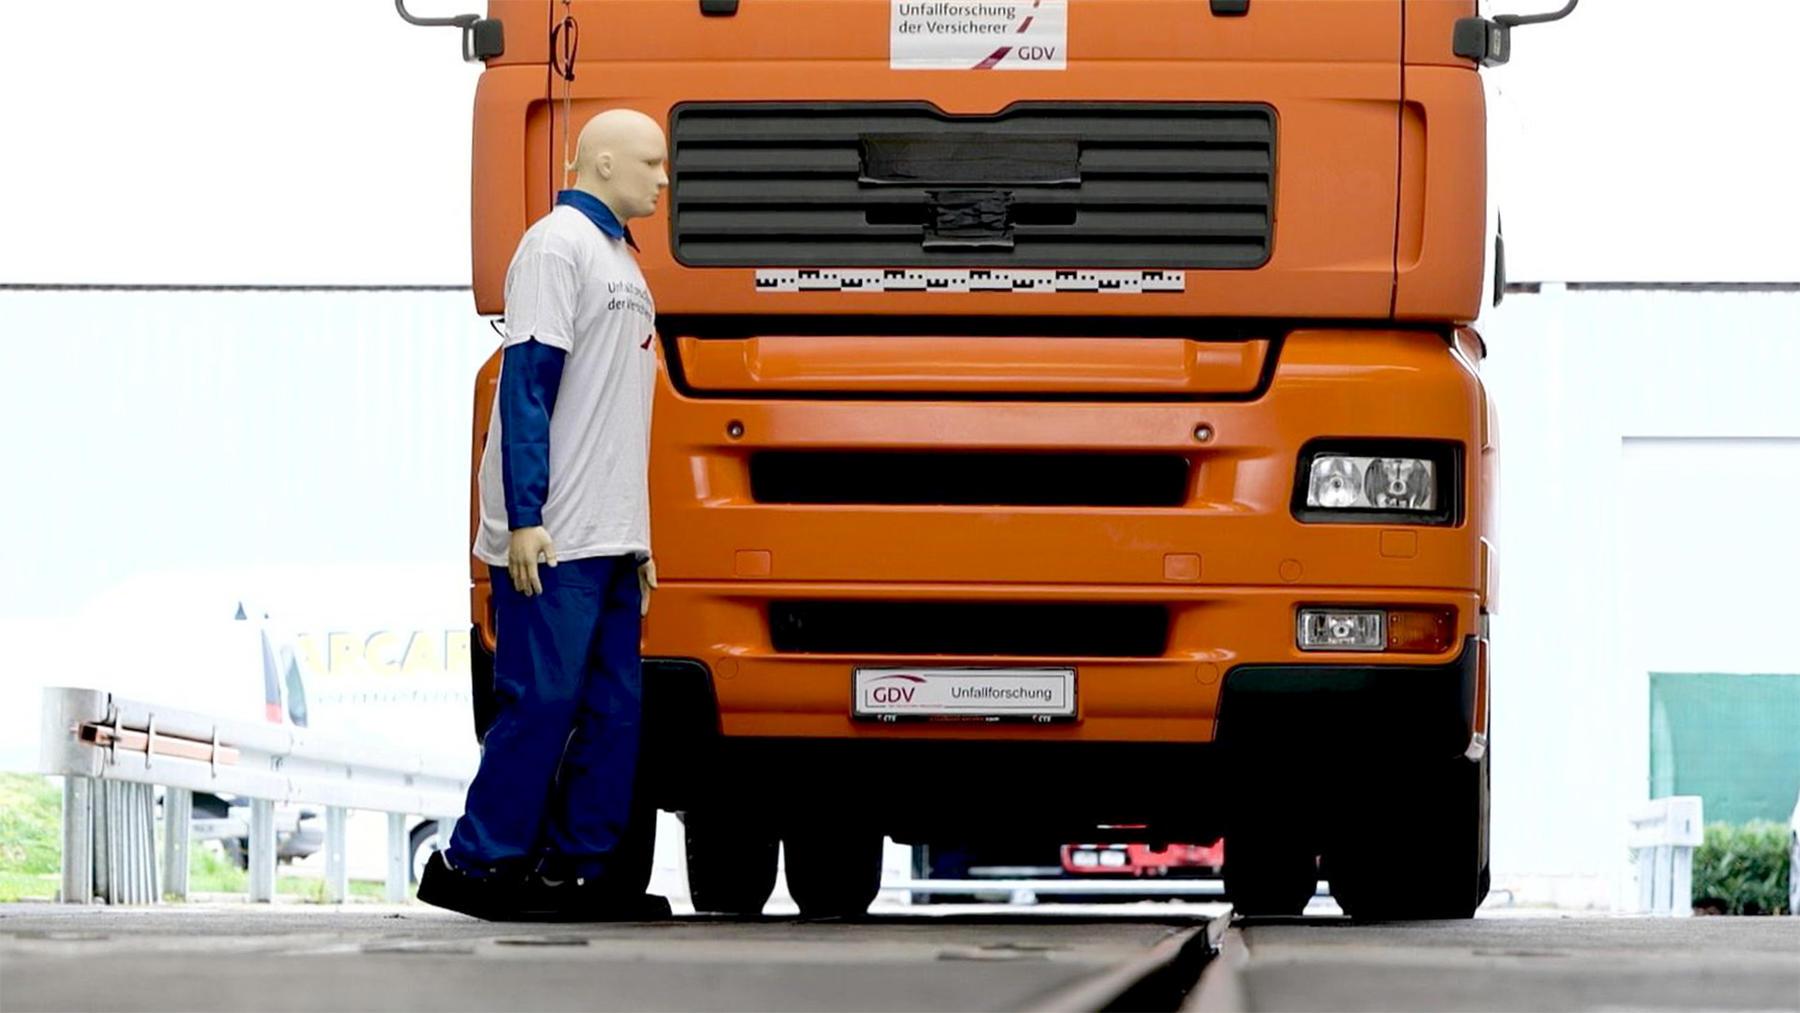 Heute u.a.: Crashtest LKW-Fußgänger mit Andi